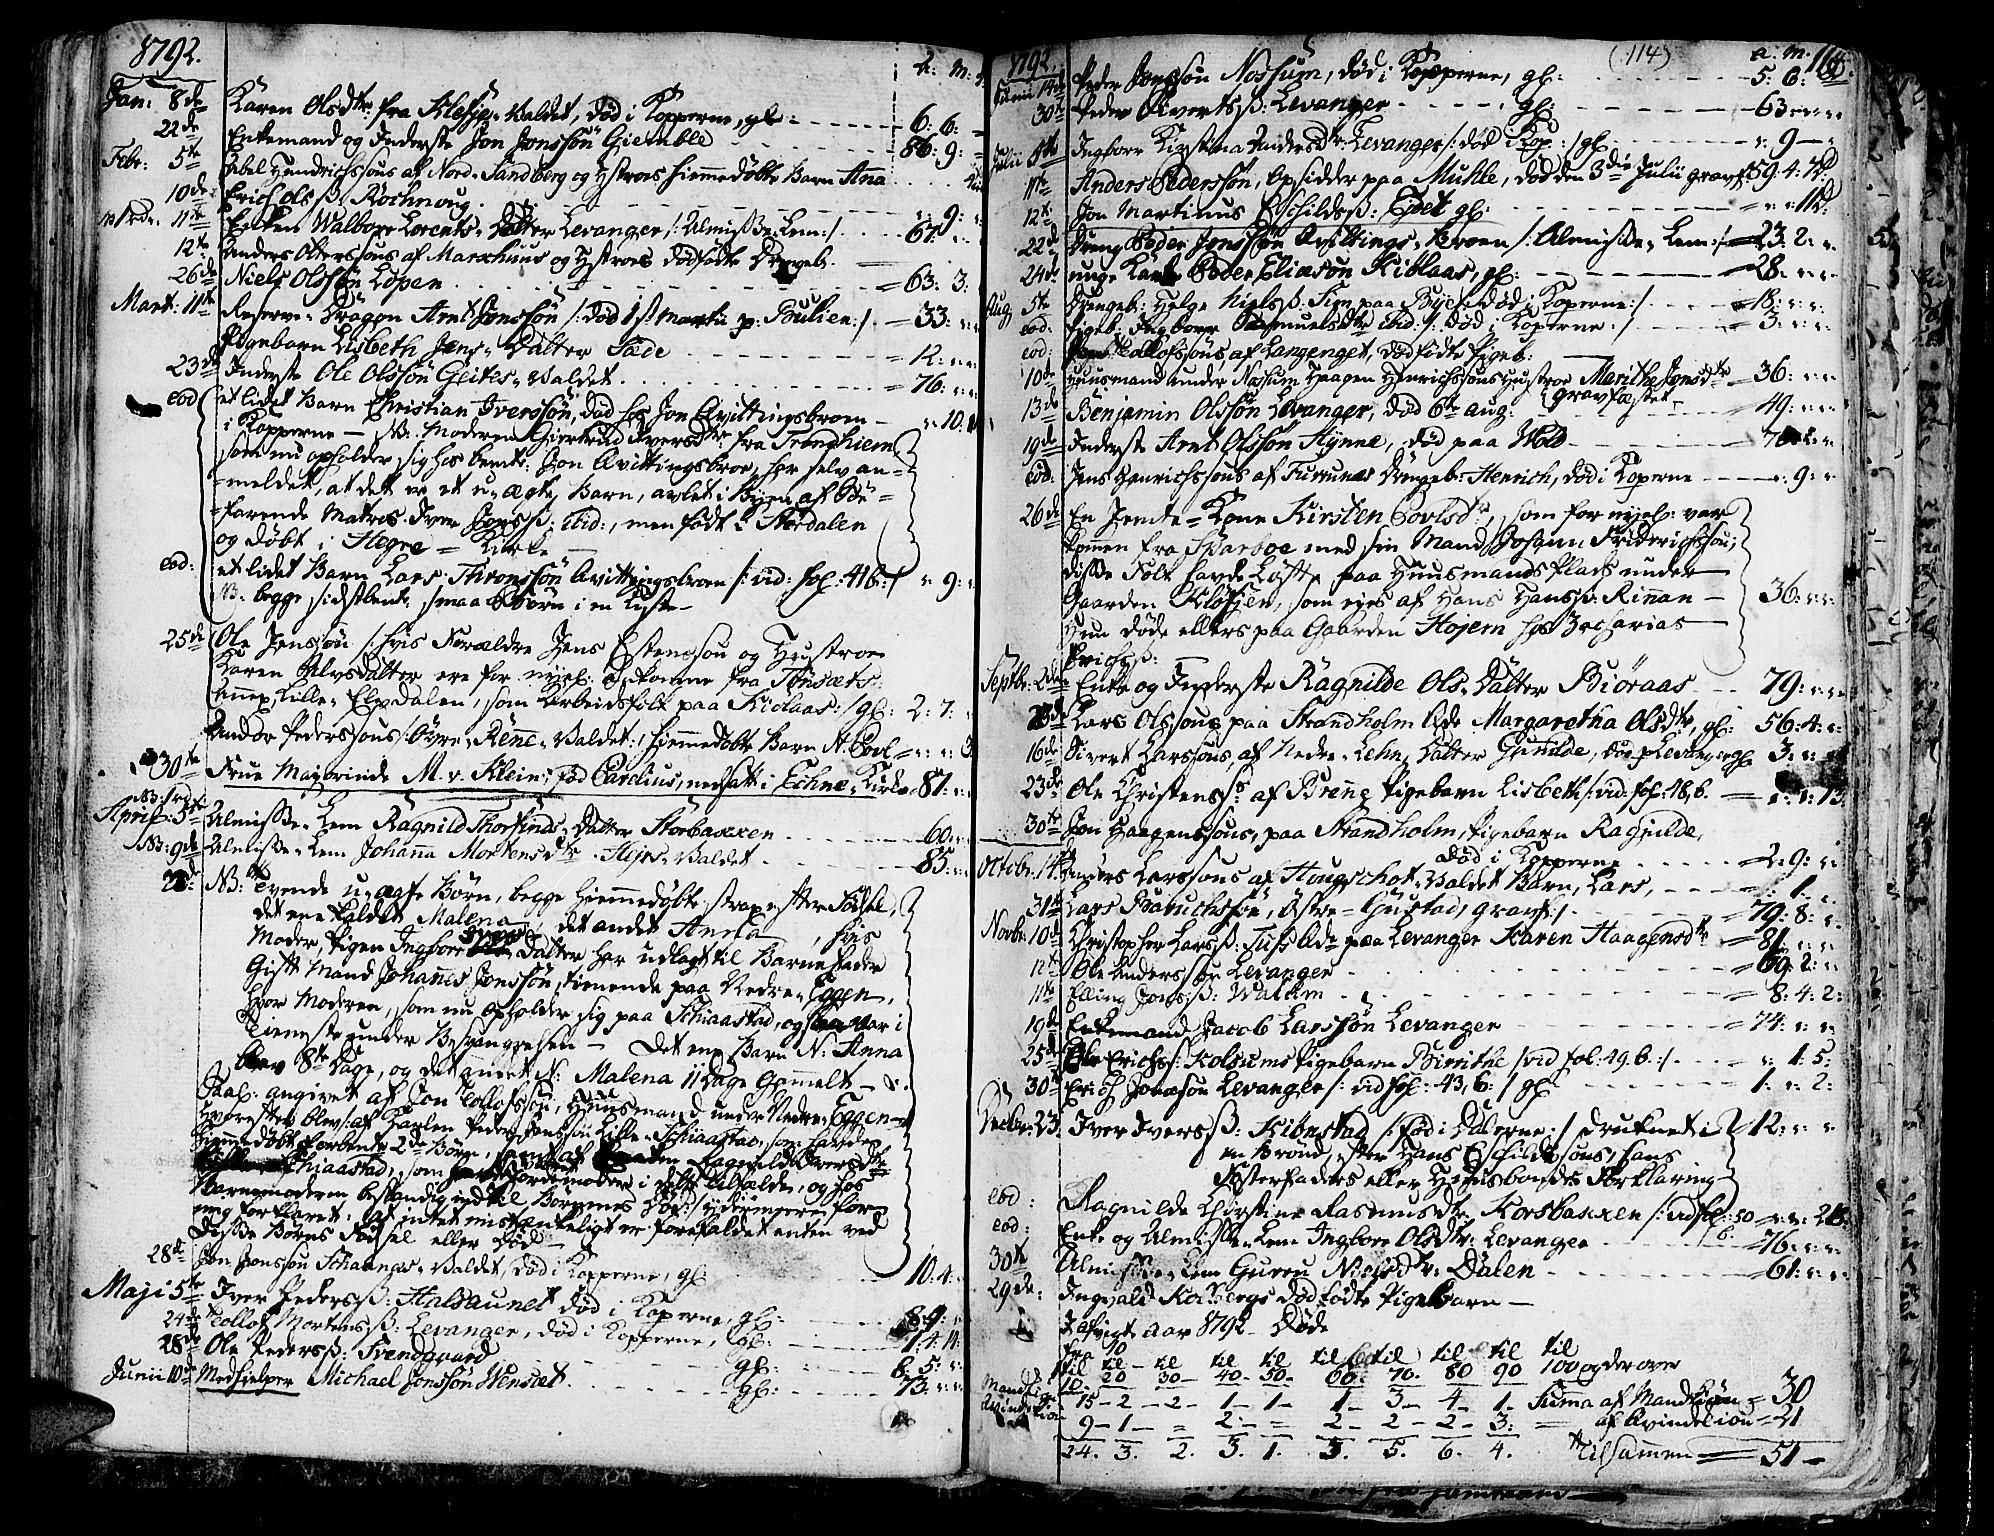 SAT, Ministerialprotokoller, klokkerbøker og fødselsregistre - Nord-Trøndelag, 717/L0142: Ministerialbok nr. 717A02 /1, 1783-1809, s. 114